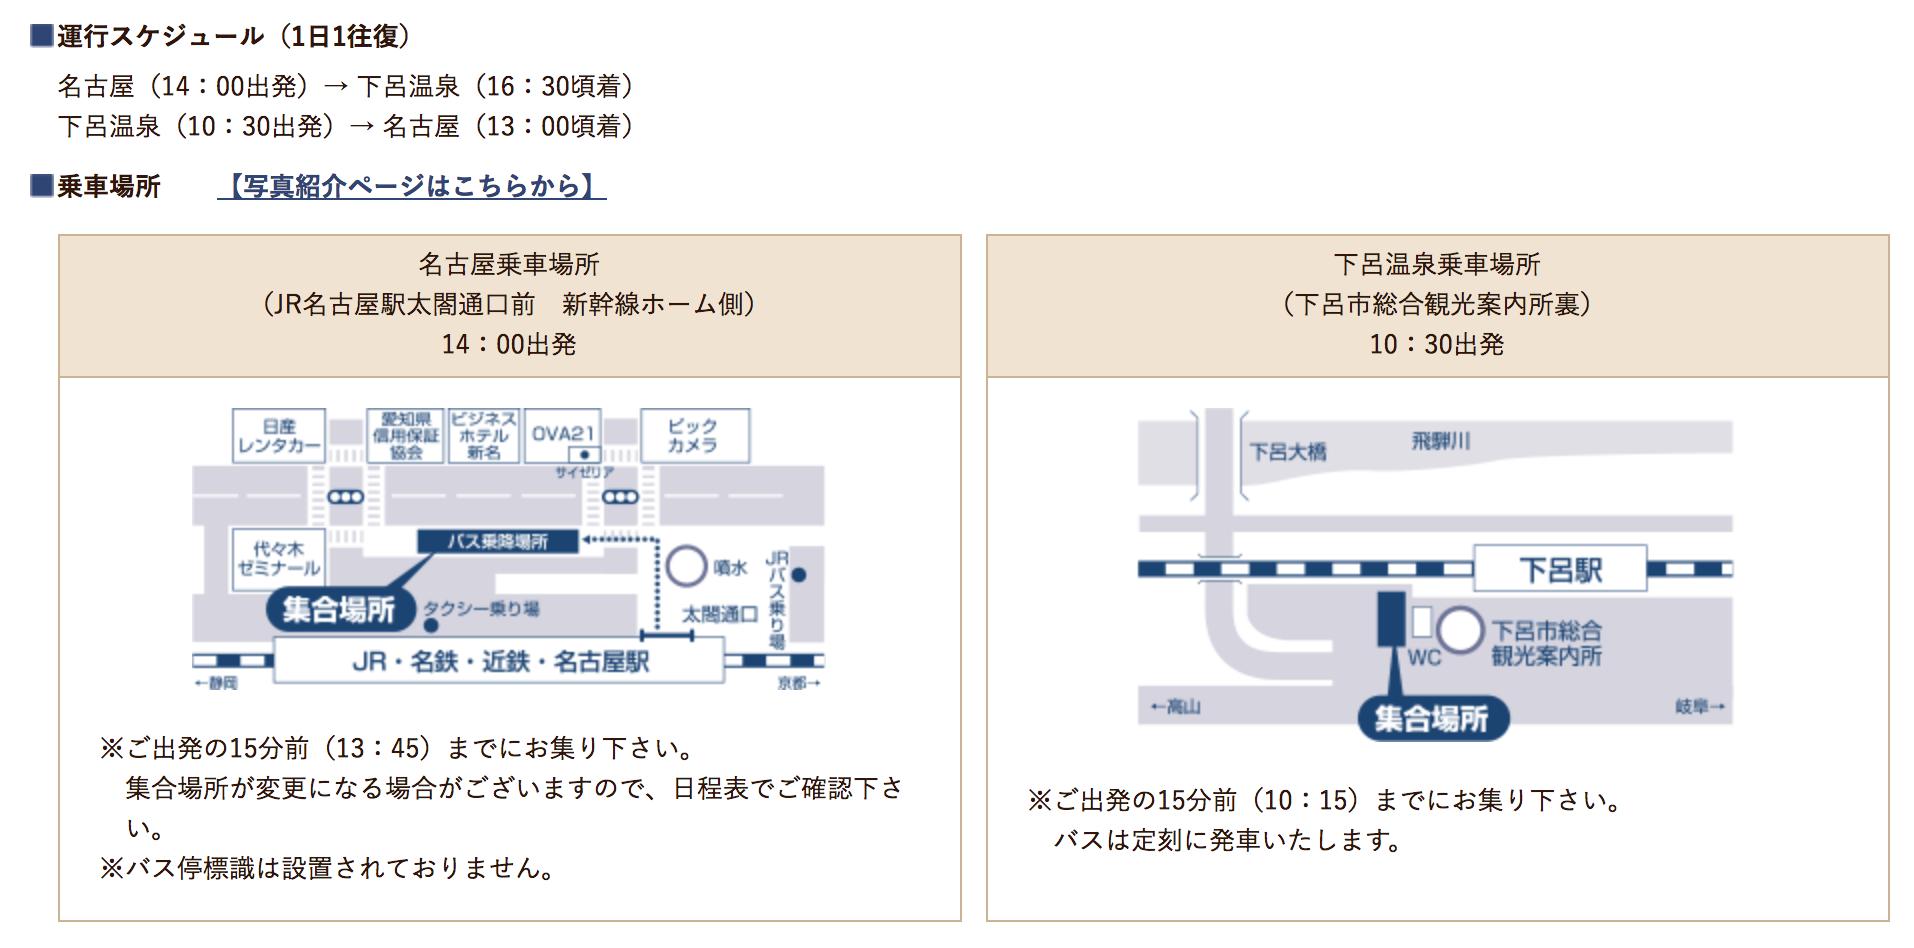 岐阜 高山旅遊 下呂溫泉怎麼去?交通攻略:日本三大溫泉半日遊 @愛旅行 - 右上的世界食旅